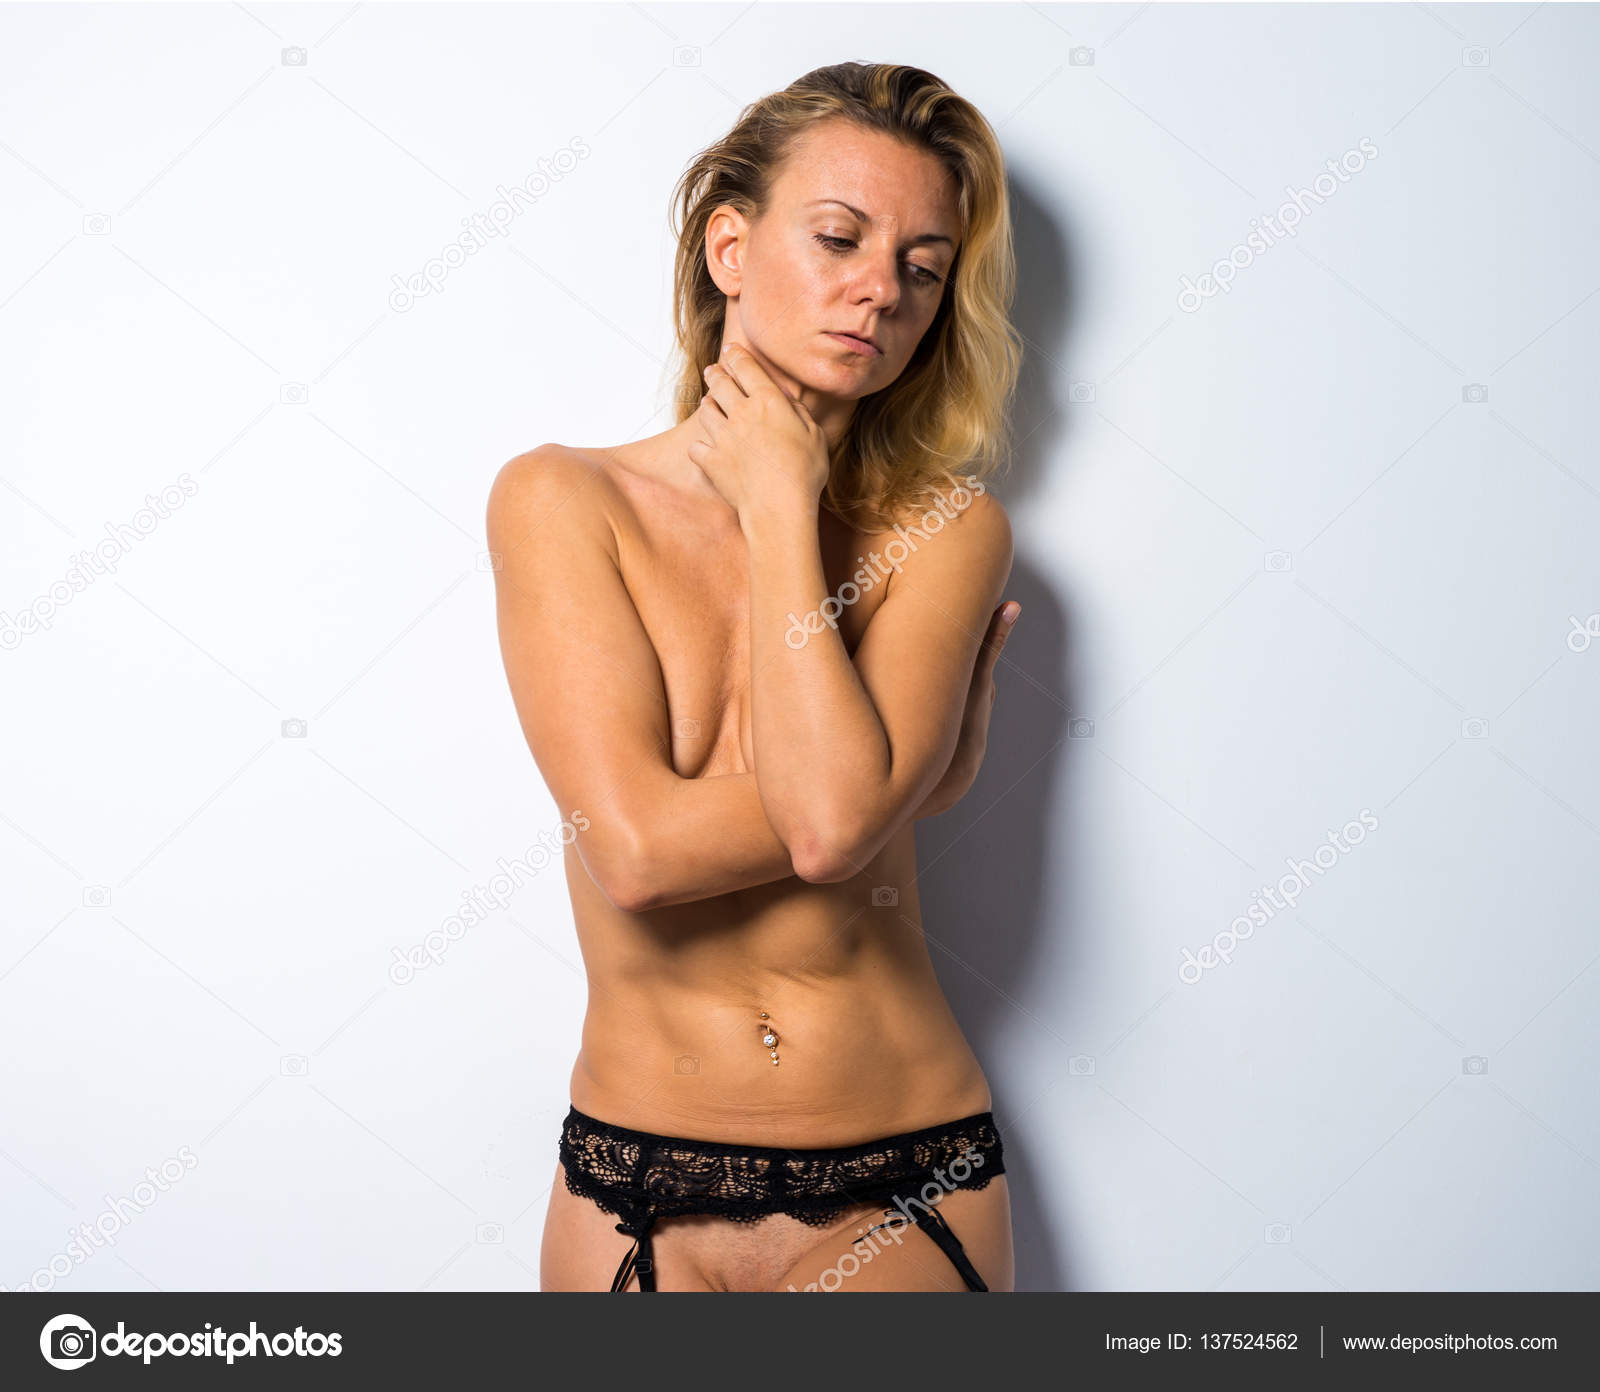 σέξι κορίτσια κολλέγιο γυμνό φωτογραφίεςEbony ξεγέλασε πορνό